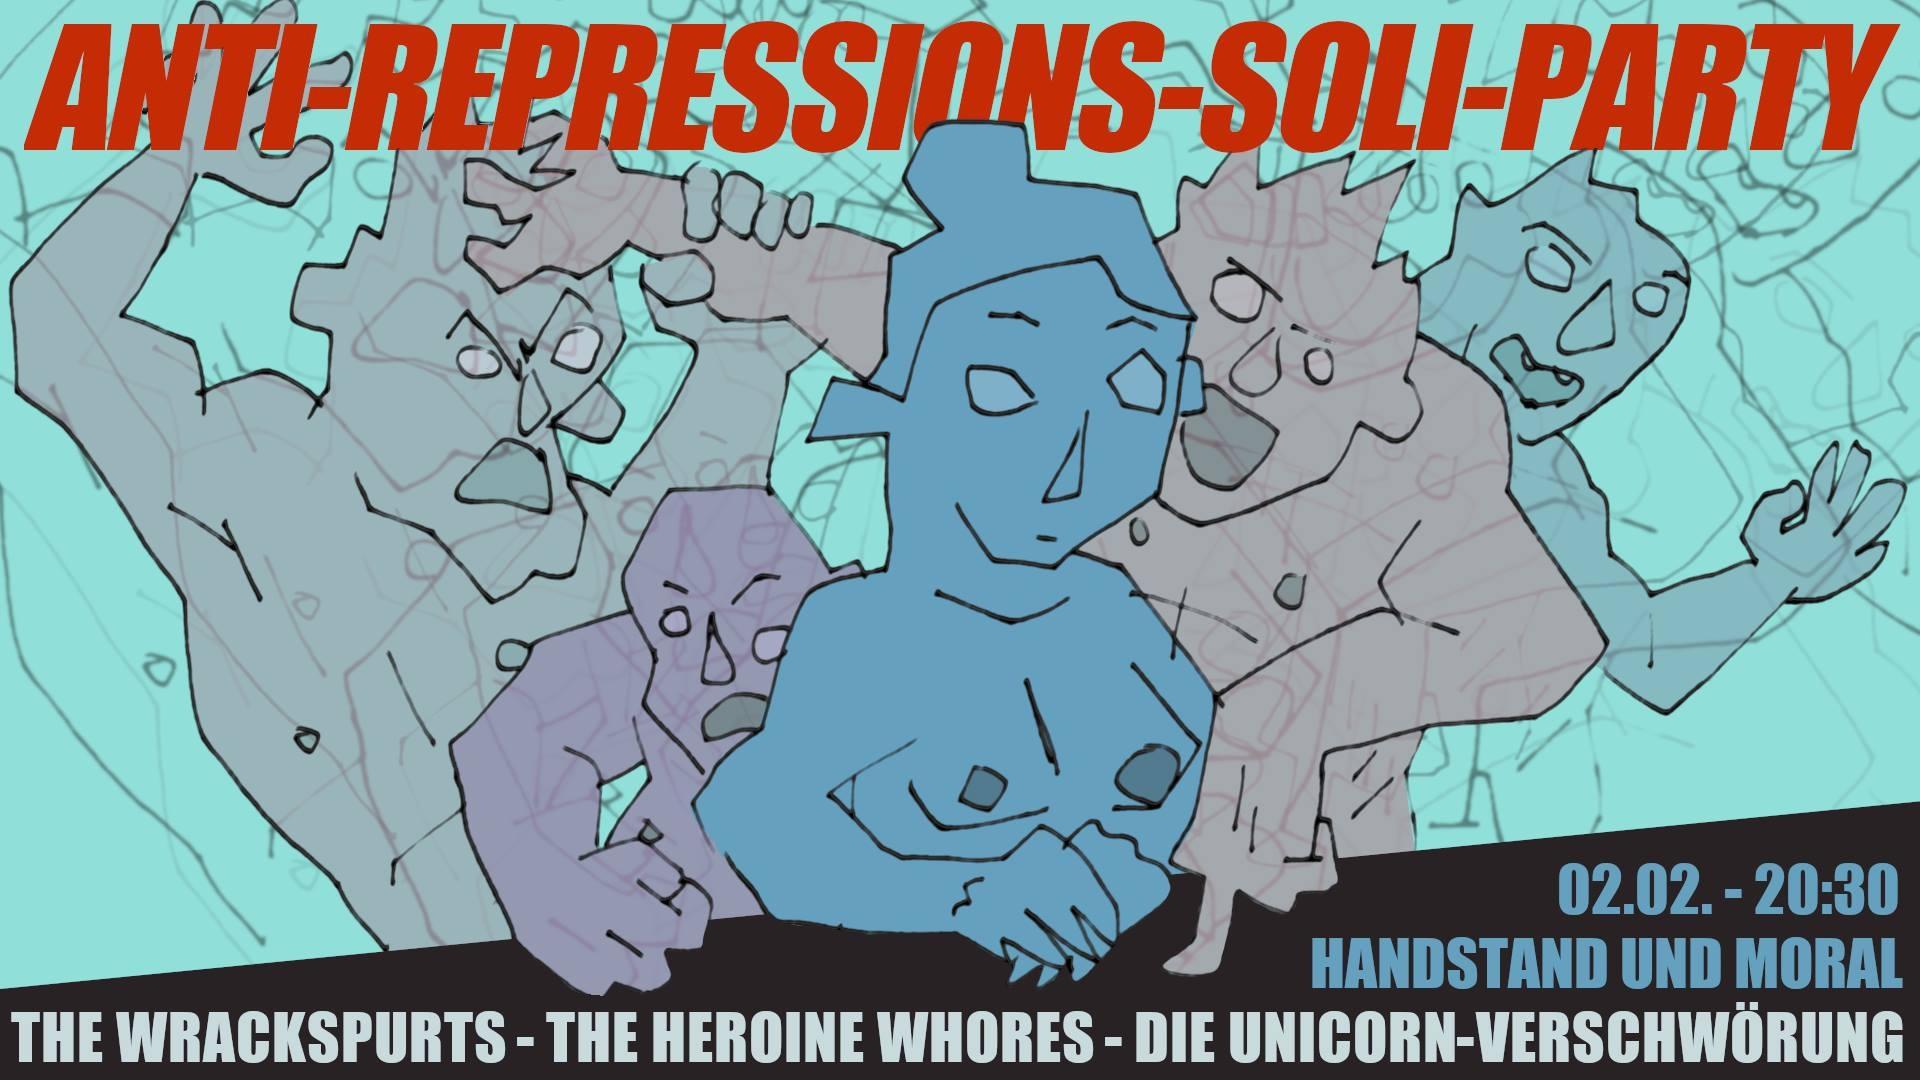 handstand und moral 2.2. unicorn verschwörung, heroine whores, wrackspurts